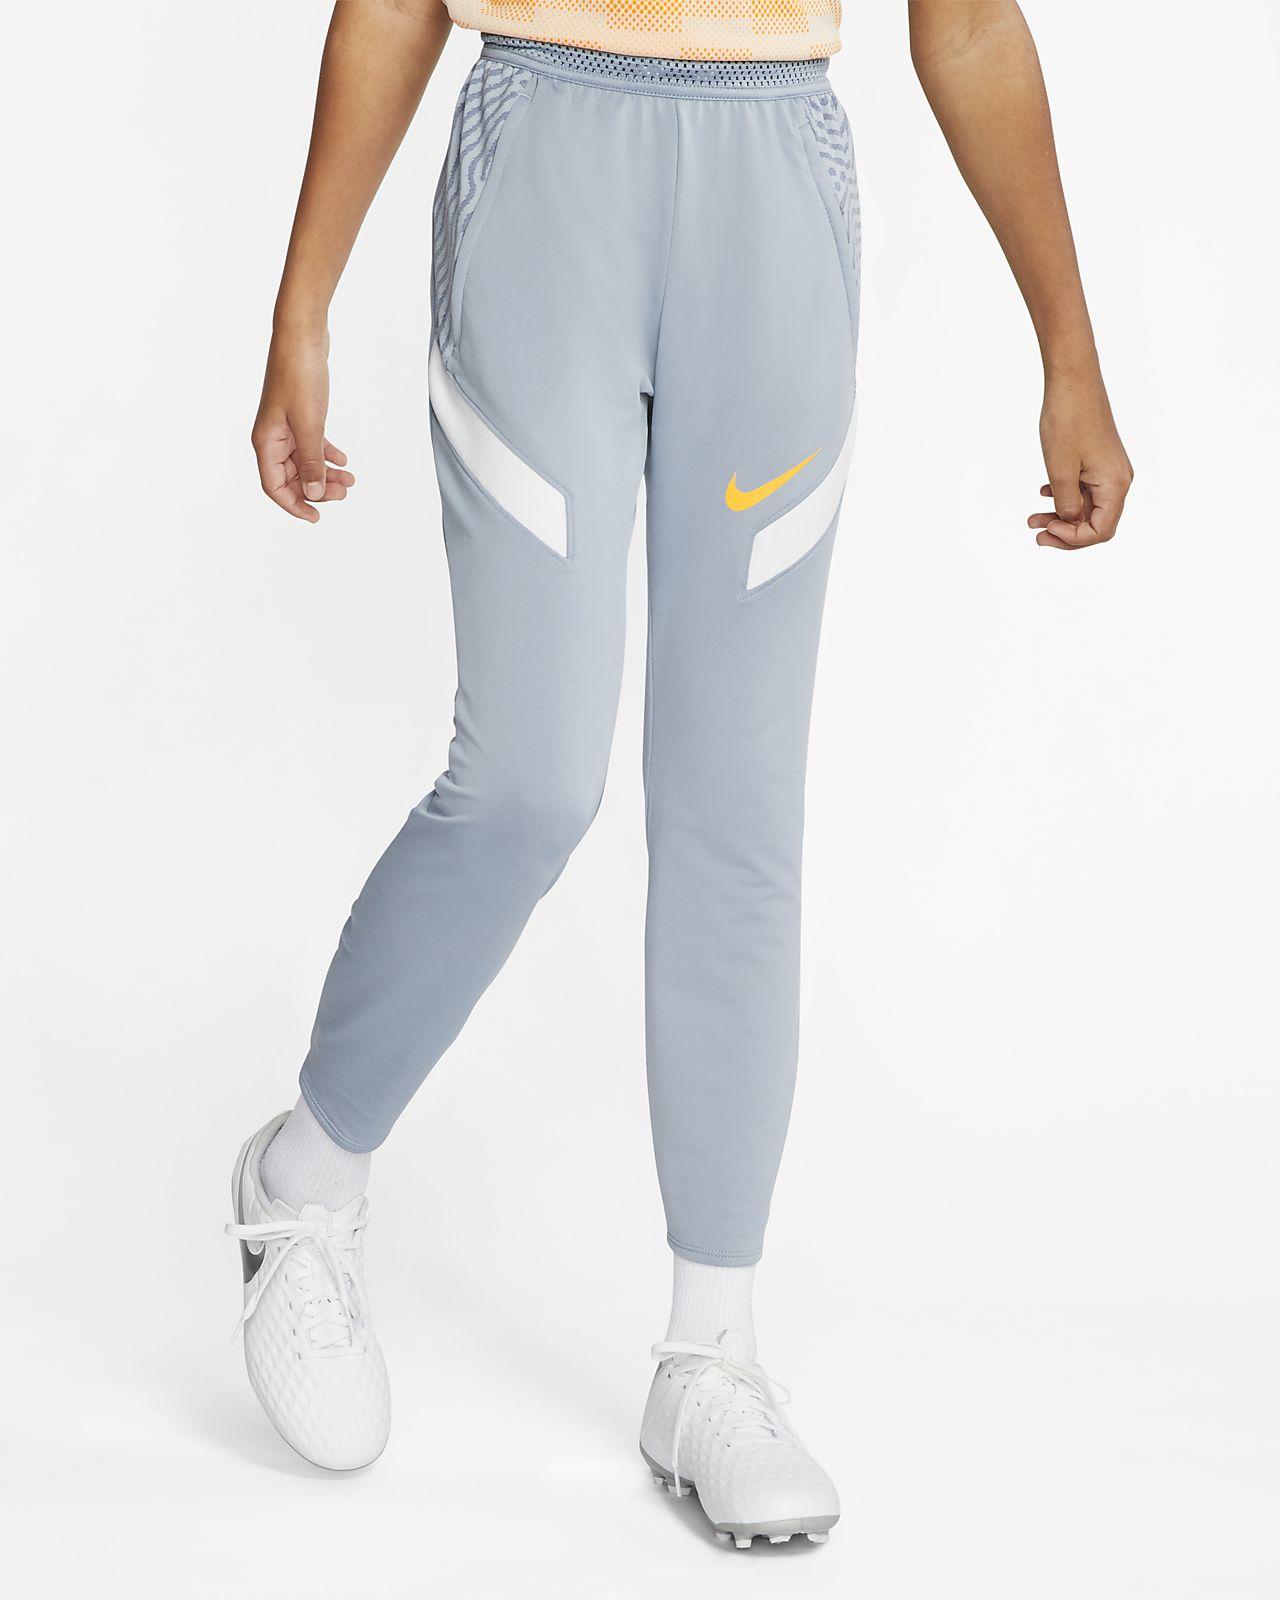 pantaloni calcio nike